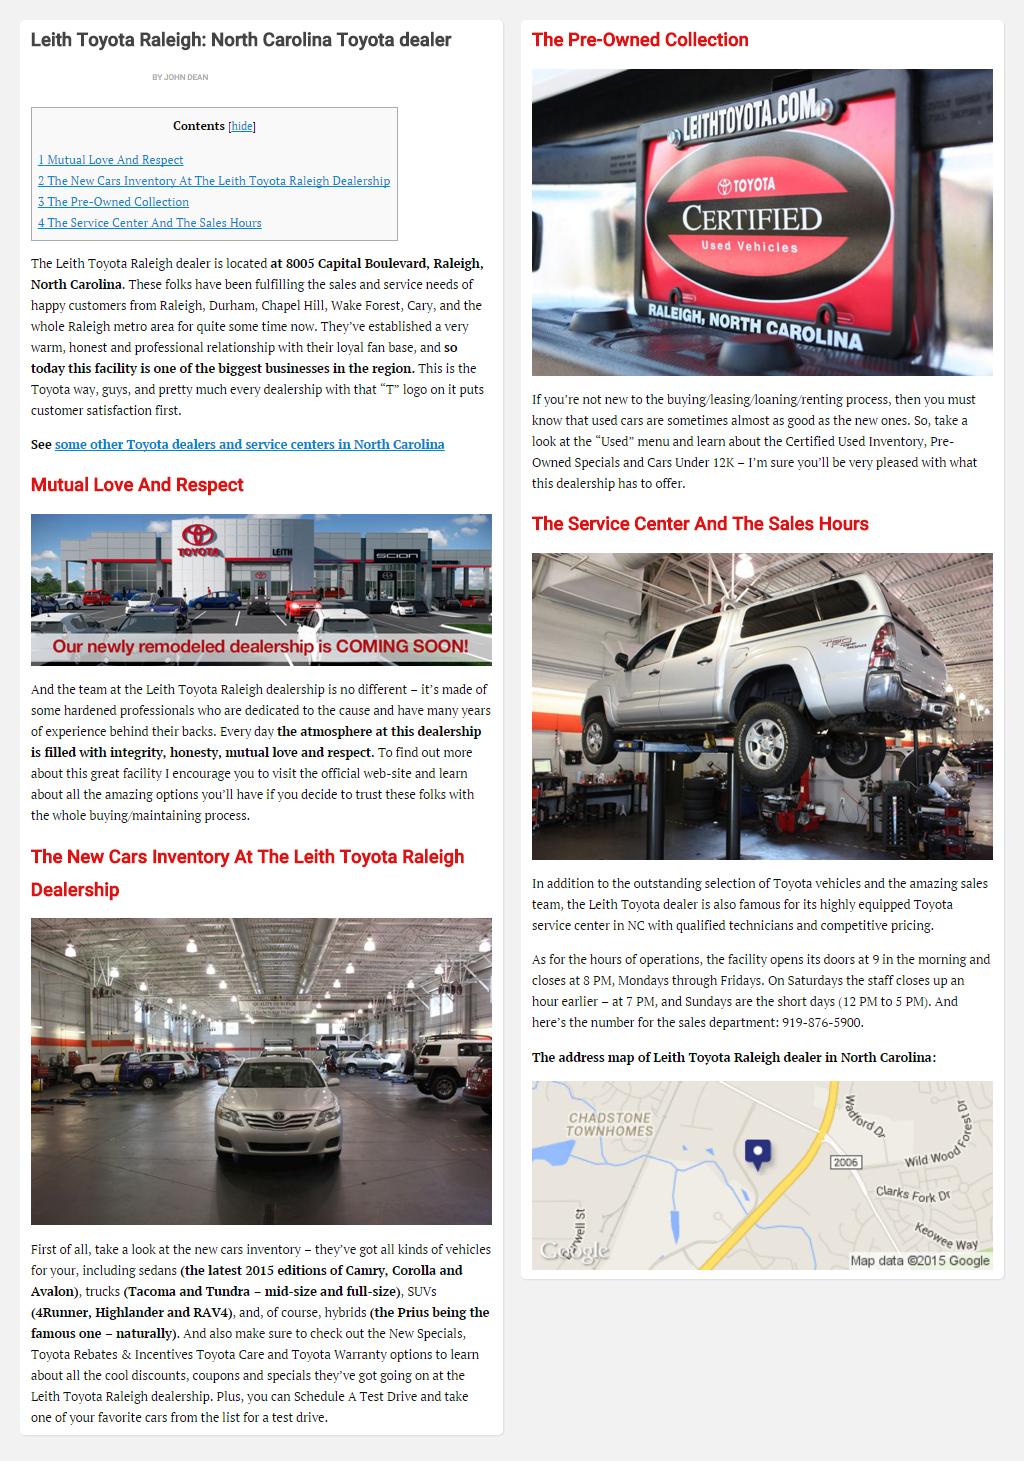 """Постинг статьи """"Leith Toyota Raleigh North Carolina Toyota dealer"""""""